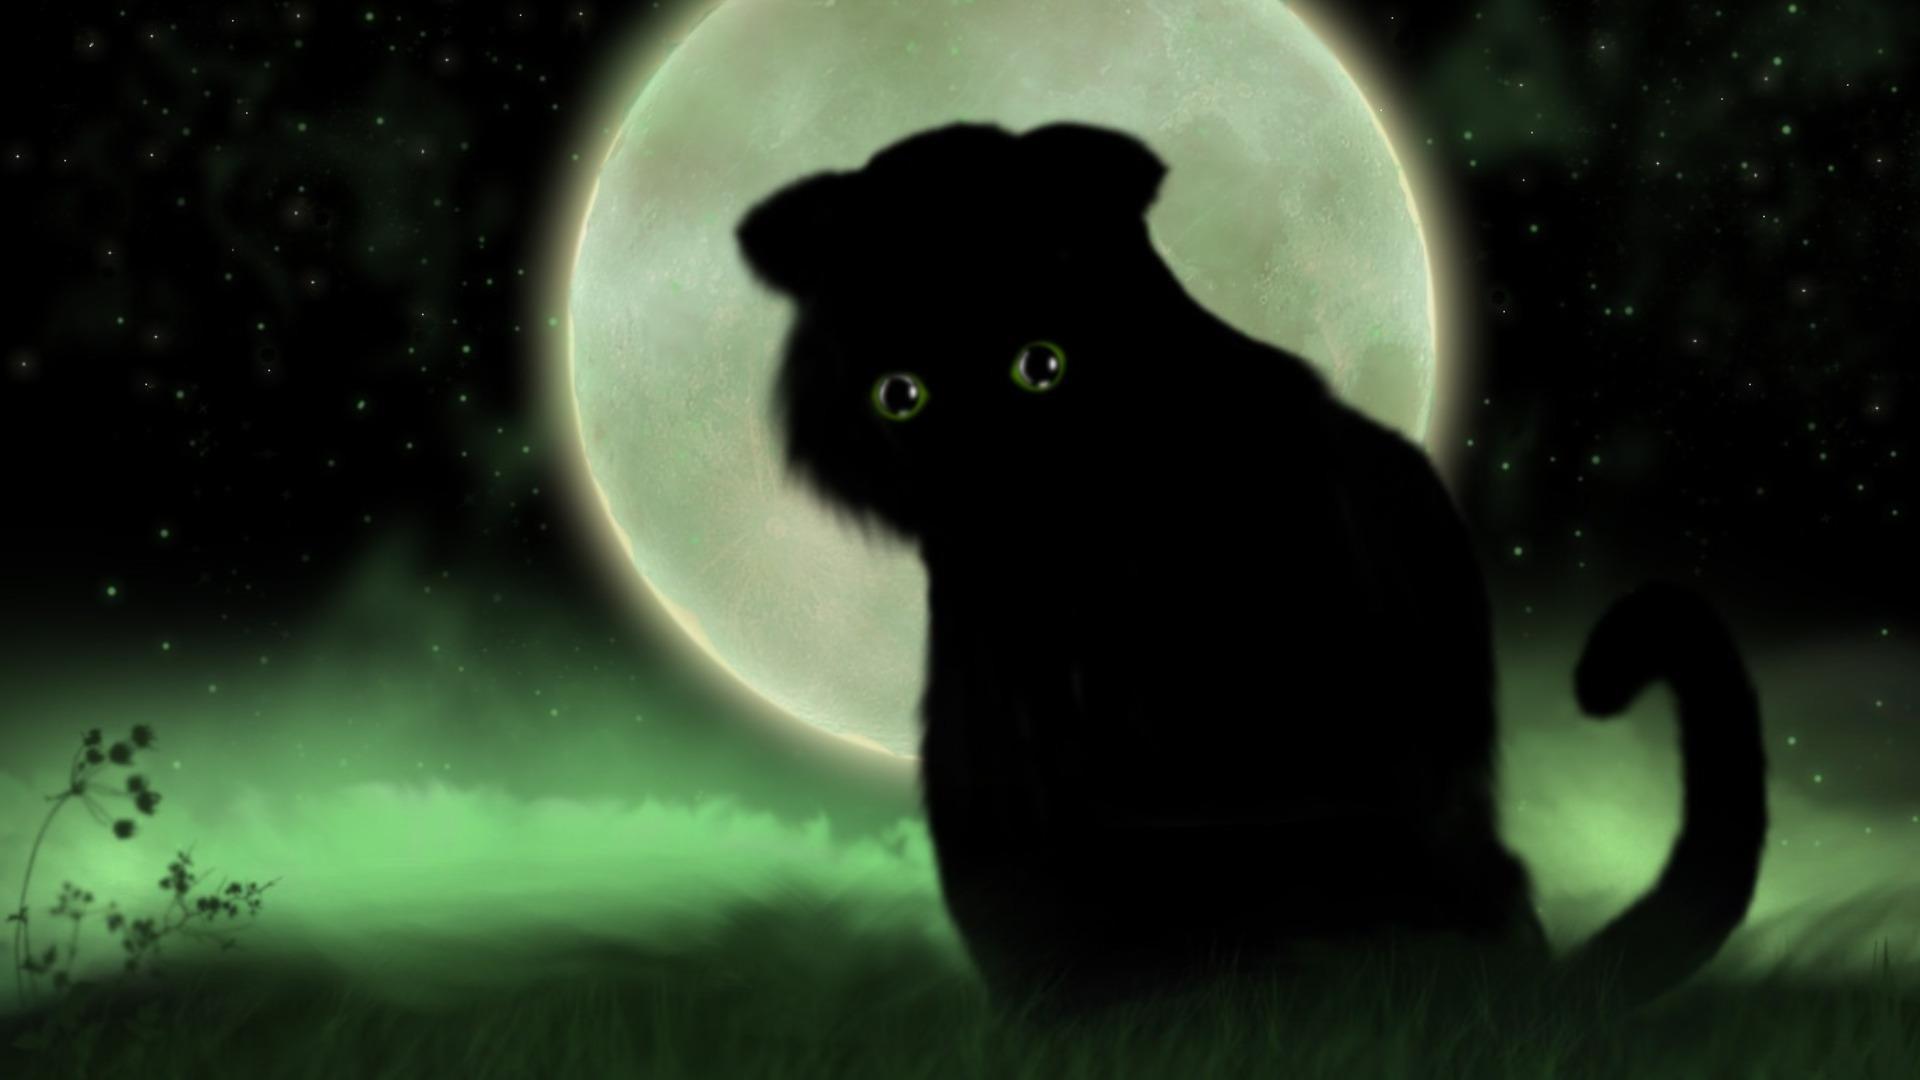 Cute Kitty Cat Wallpapers Fantasy Cat Hd Desktop Wallpaper Widescreen High